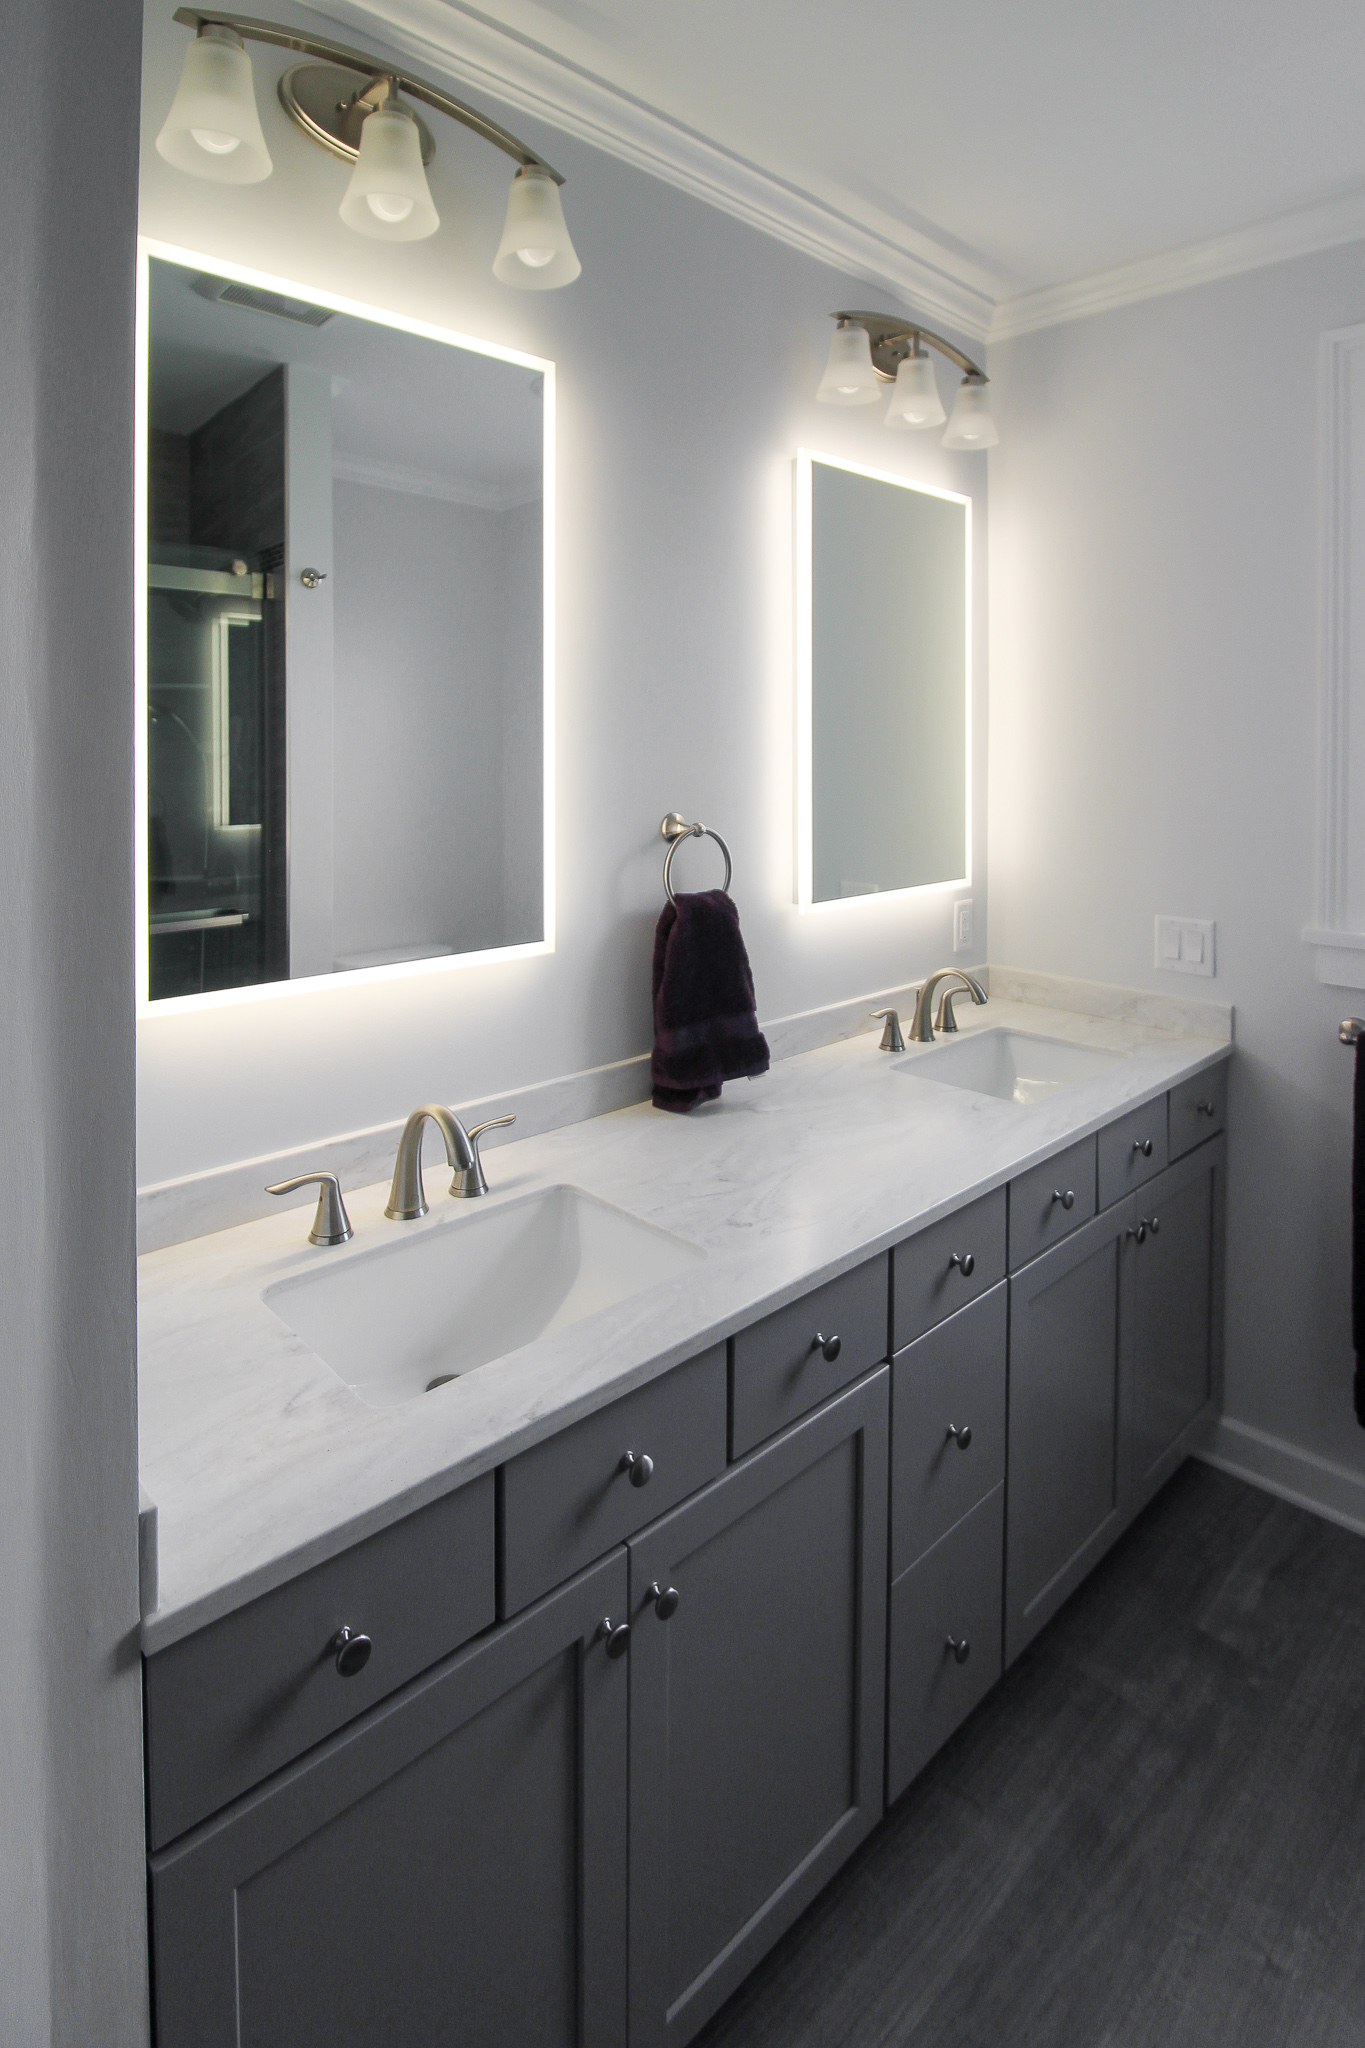 Bathroom Remodeling Contractors in Buffalo NY | Ivy Lea ...